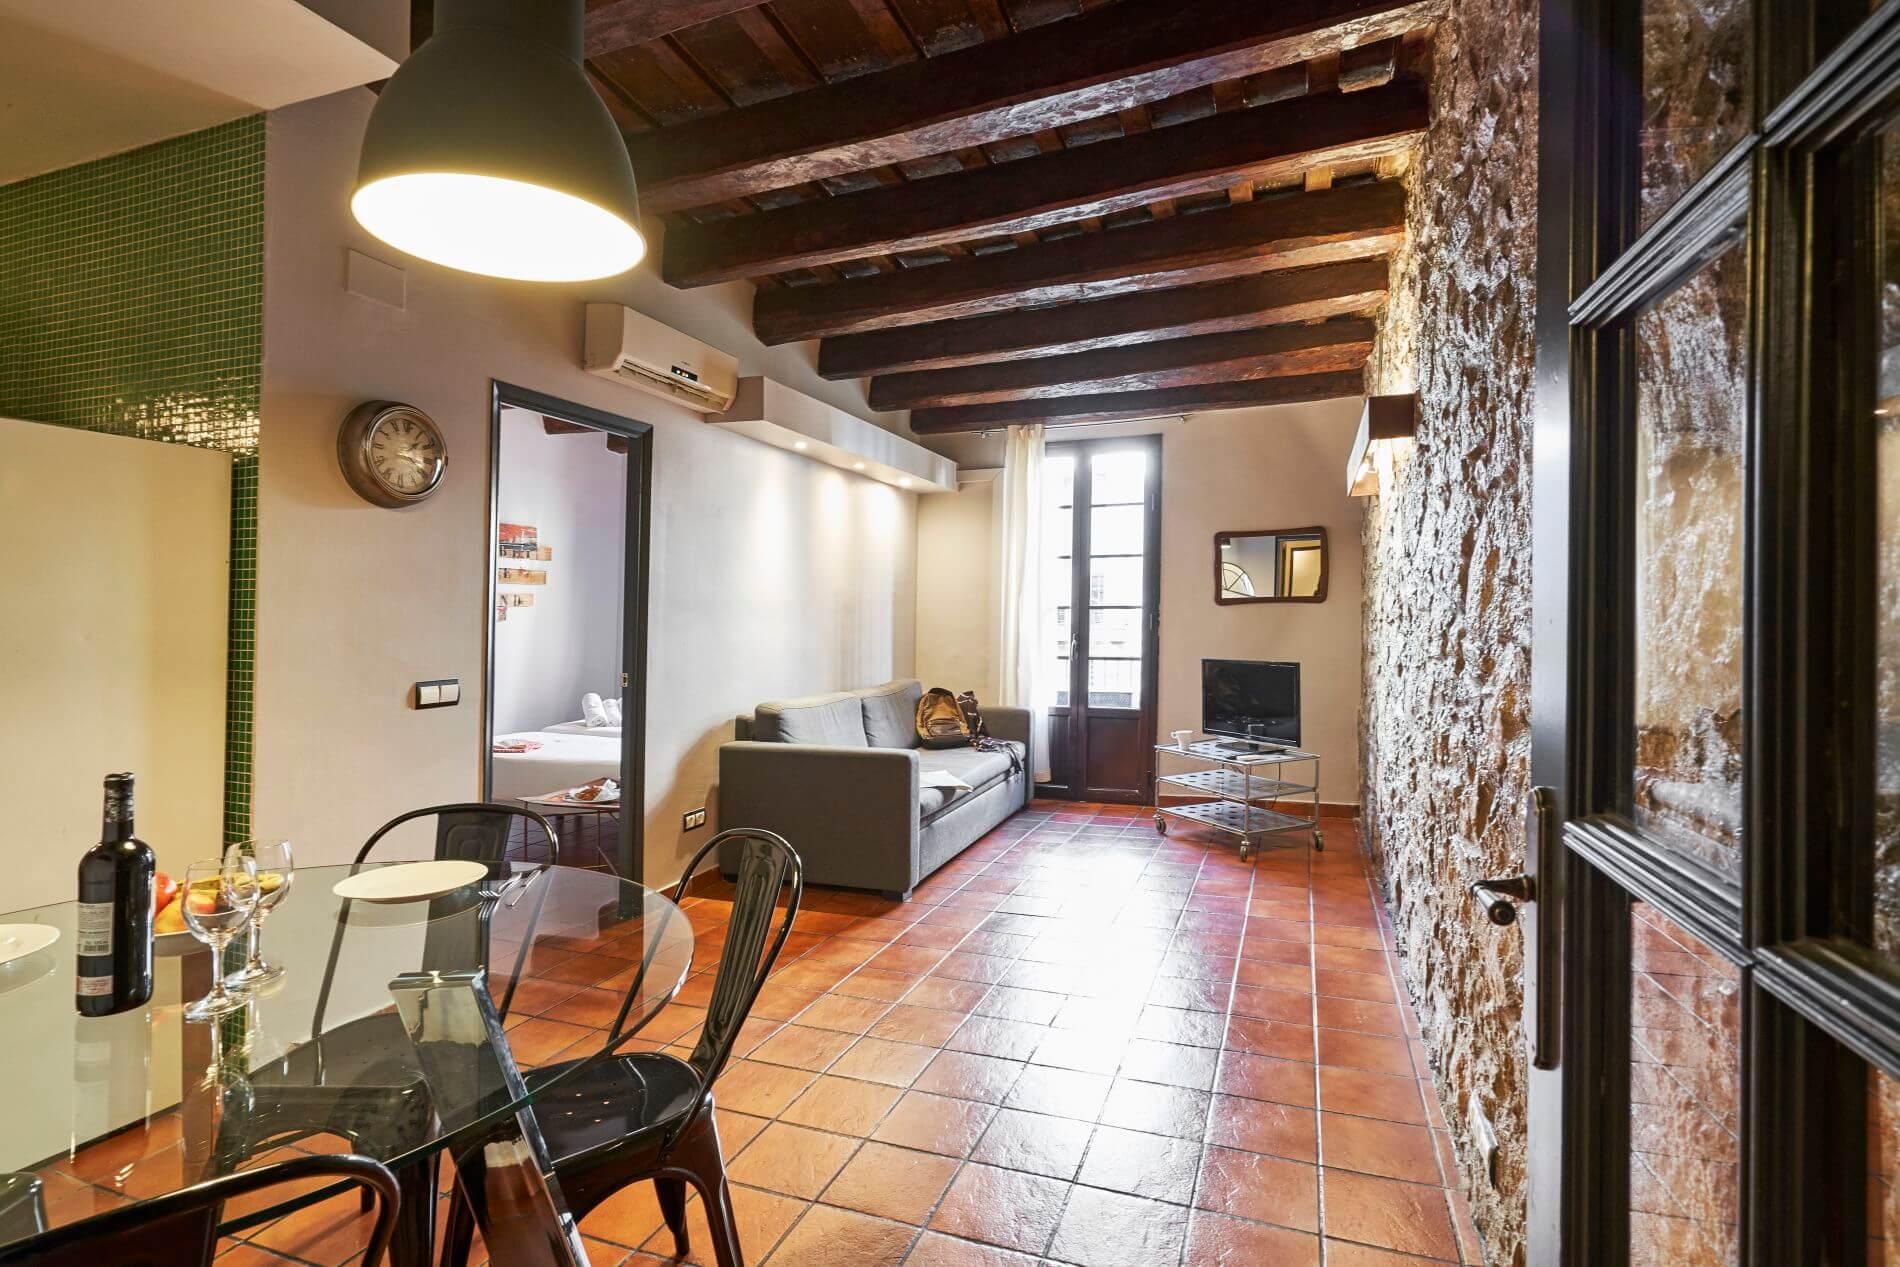 2 bed luxury flat in Barcelona